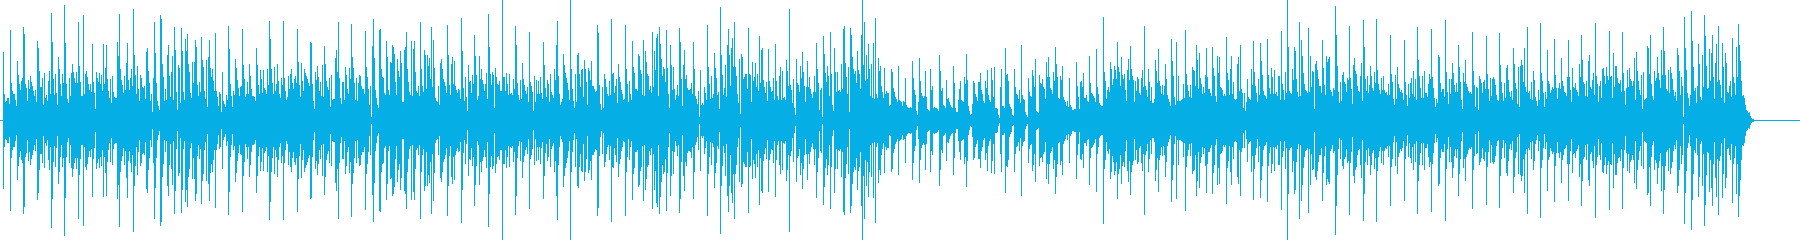 コミカルほんわか ピアノでSwing の再生済みの波形